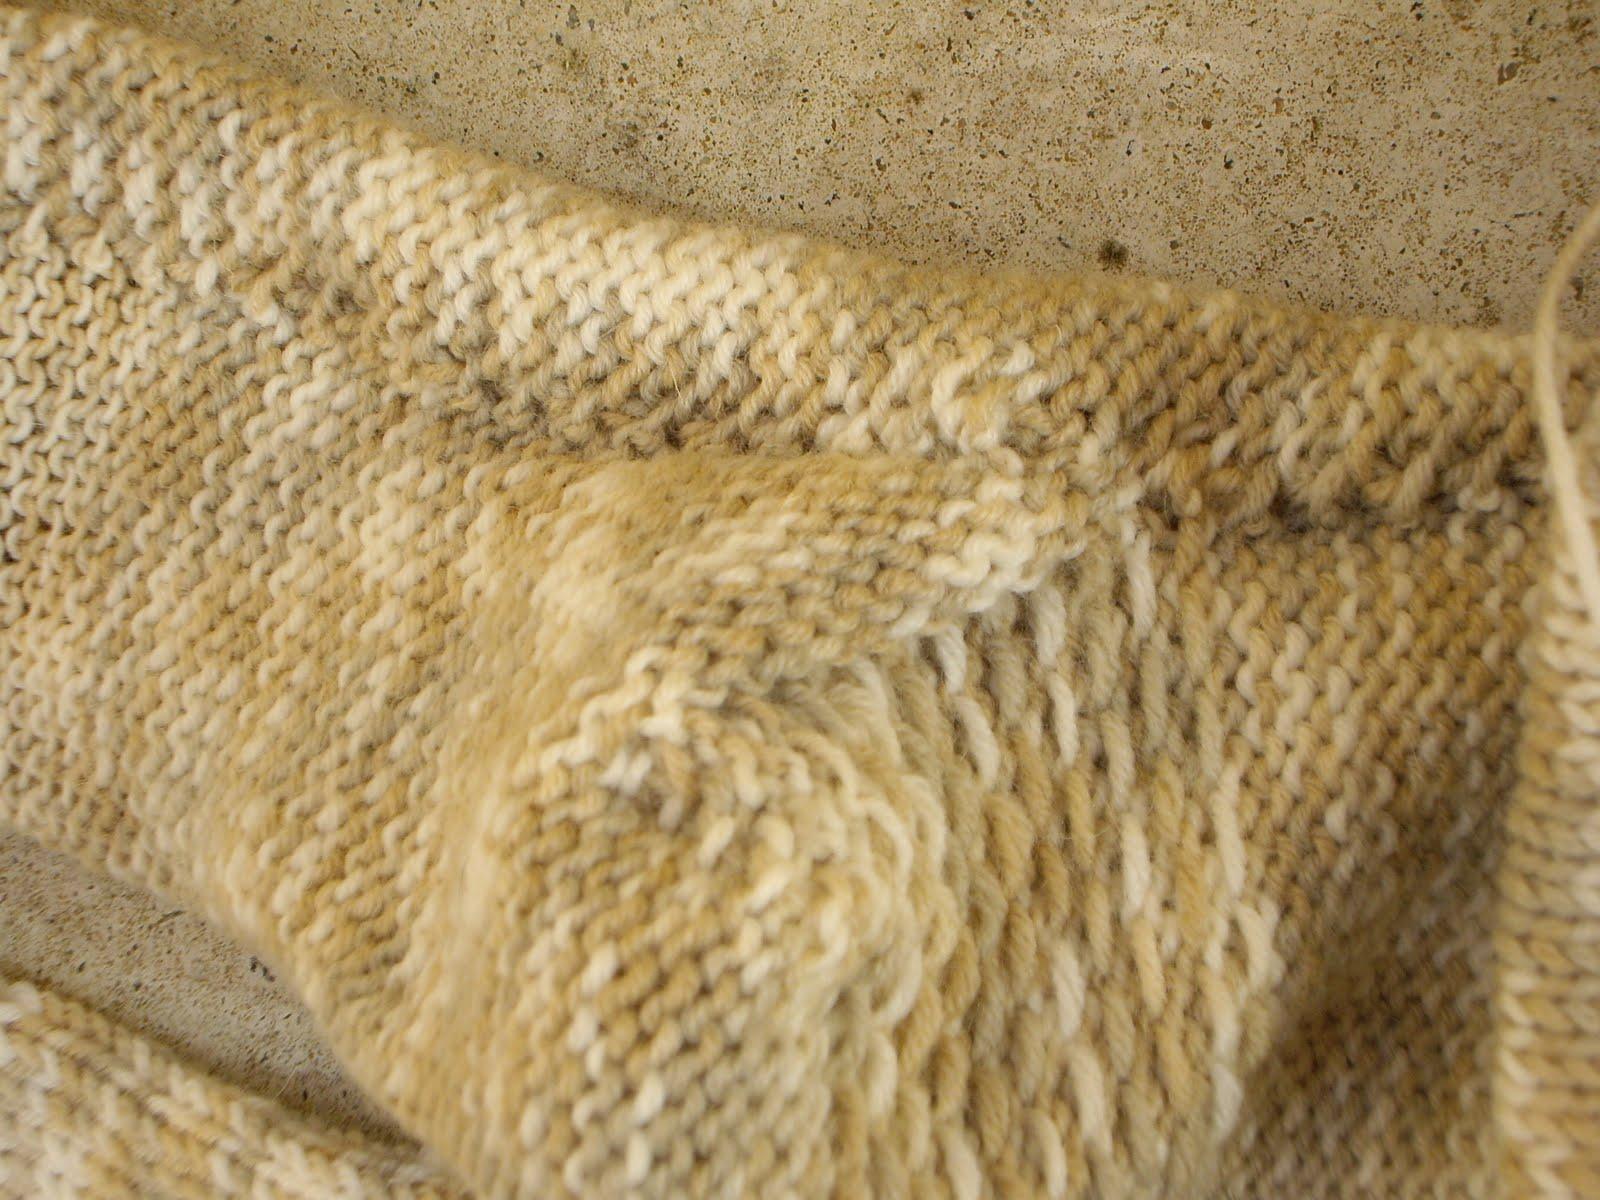 Knitting Picking Up Heel Stitches : Ozlornas Knitting Blog: Lozs Slip Stitch Heel Flap Socks